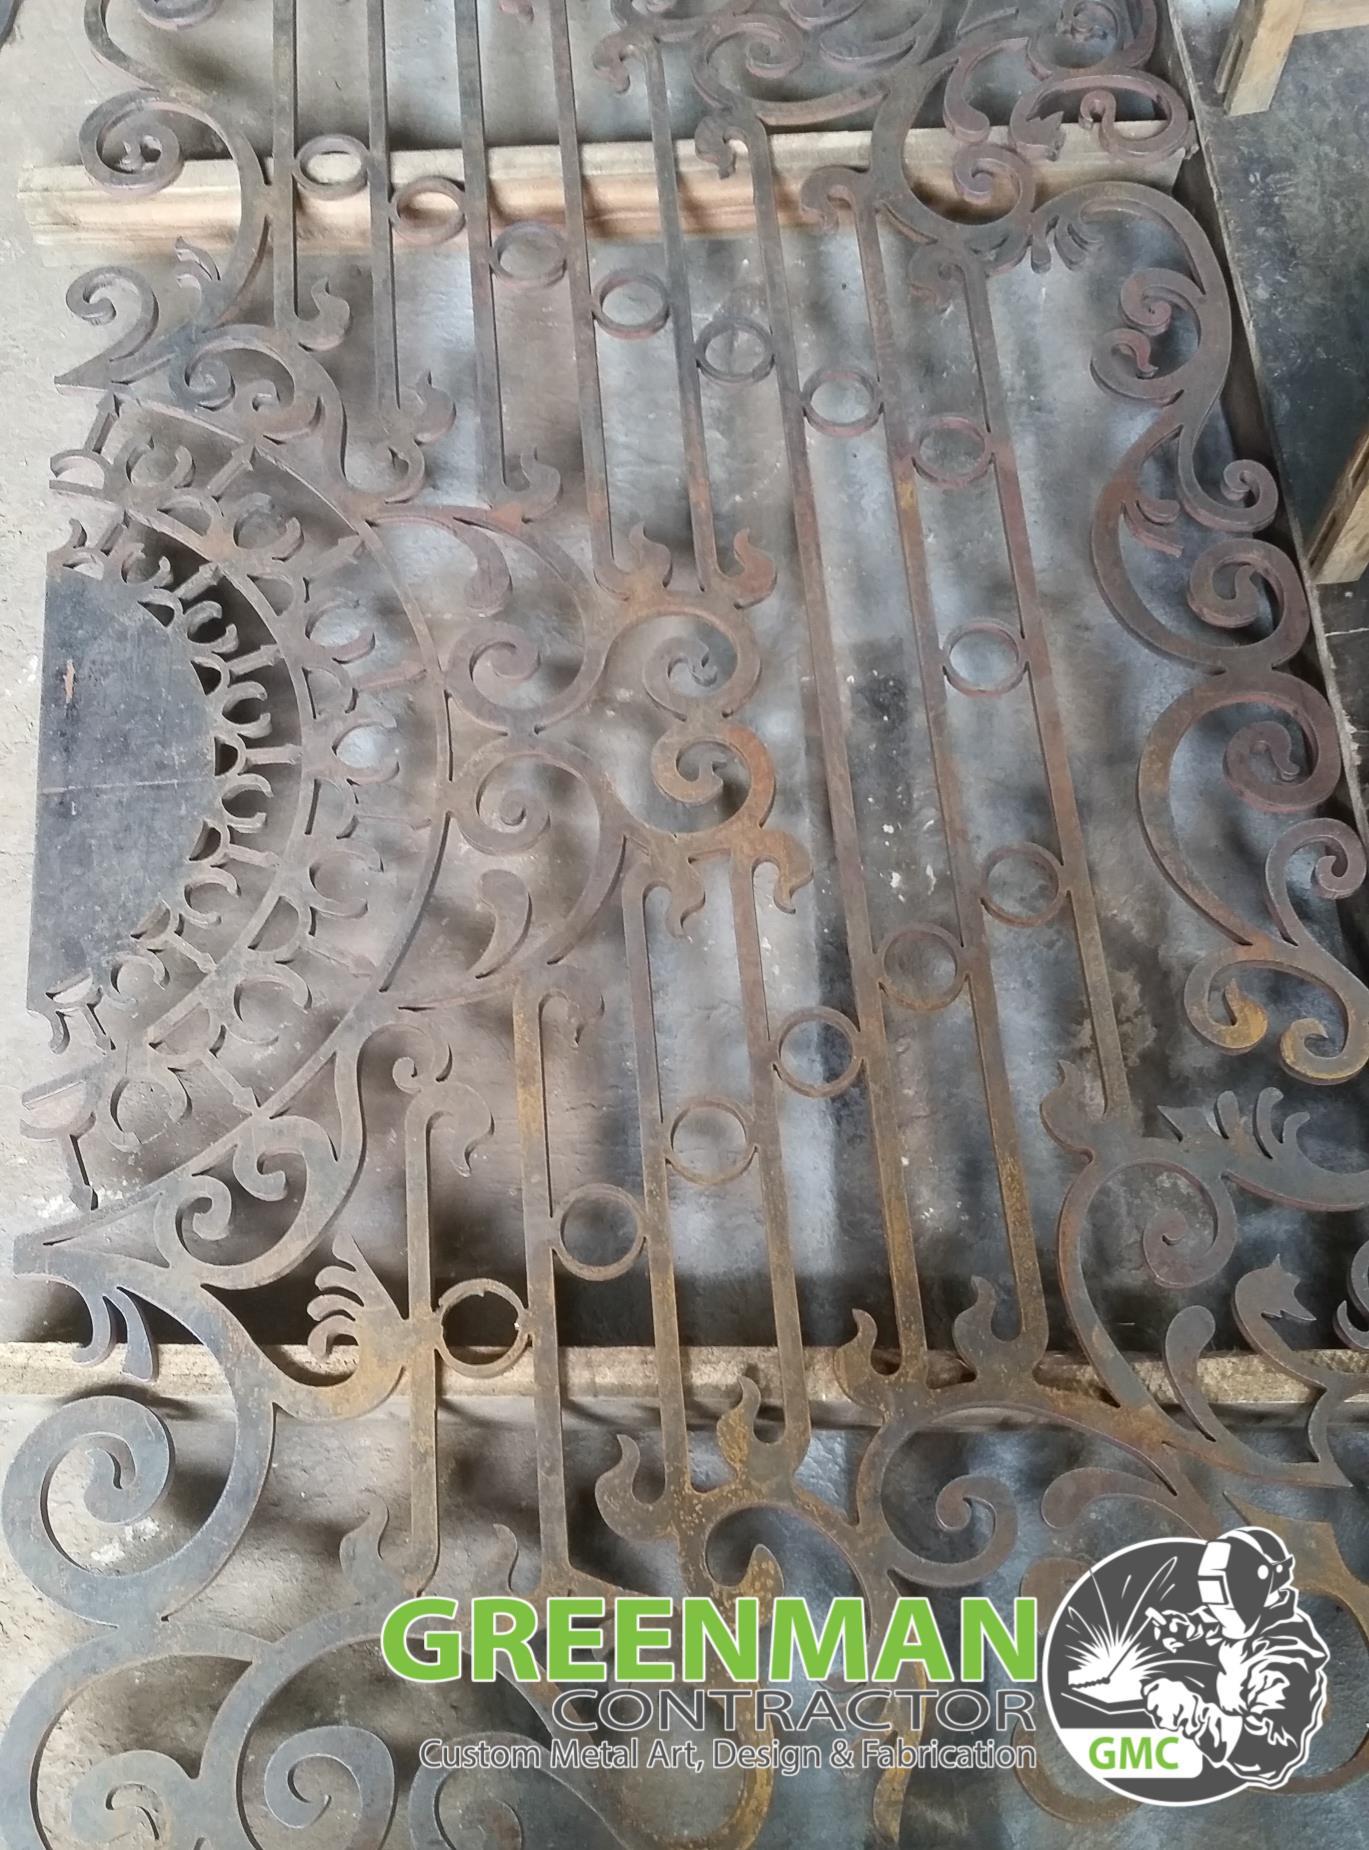 Gia công chi tiết sản phẩm panel cửa cổng tại Nhơn Trạch - Tỉnh Đồng Nai Gia-cong-chi-tiet-panel-cua-cong-tai-nha-pho-nhon-trach-dong-nai-1